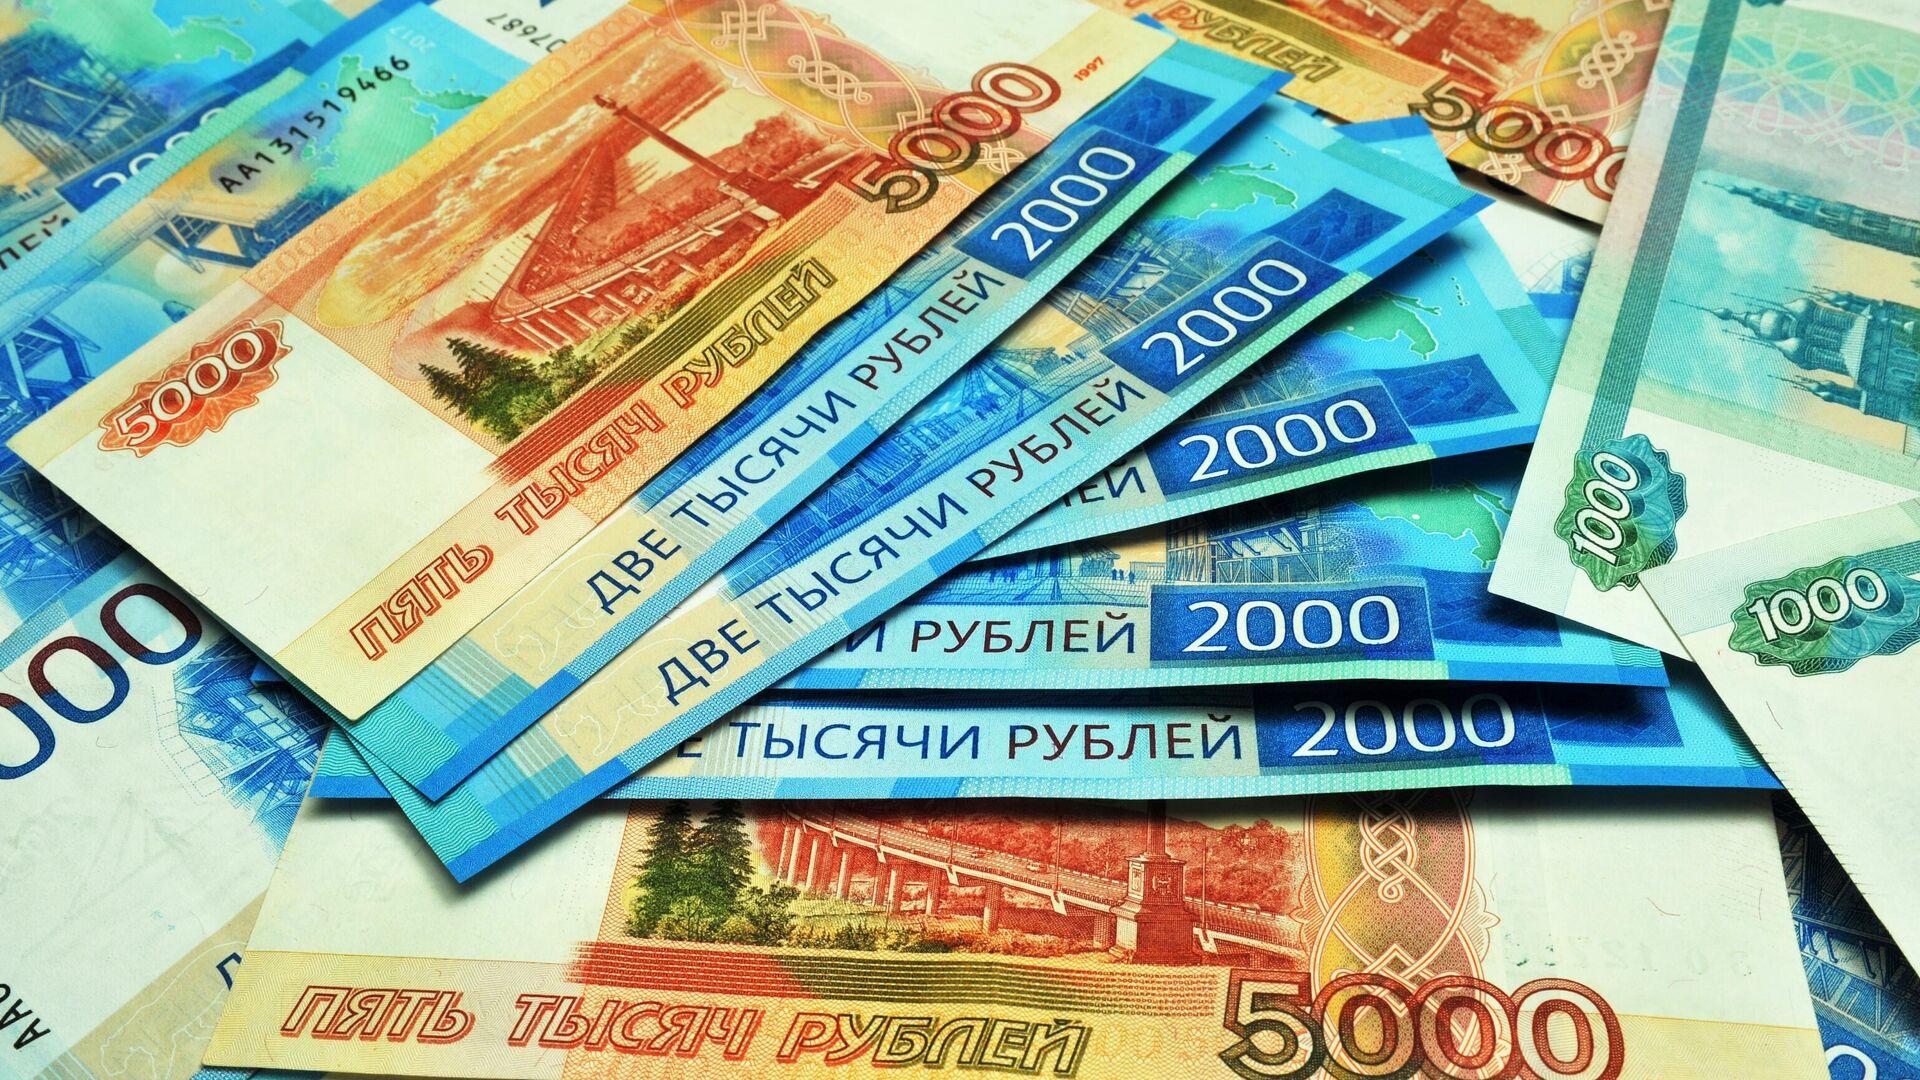 Банкноты номиналом 1000, 2000 и 5000 рублей - РИА Новости, 1920, 01.10.2020